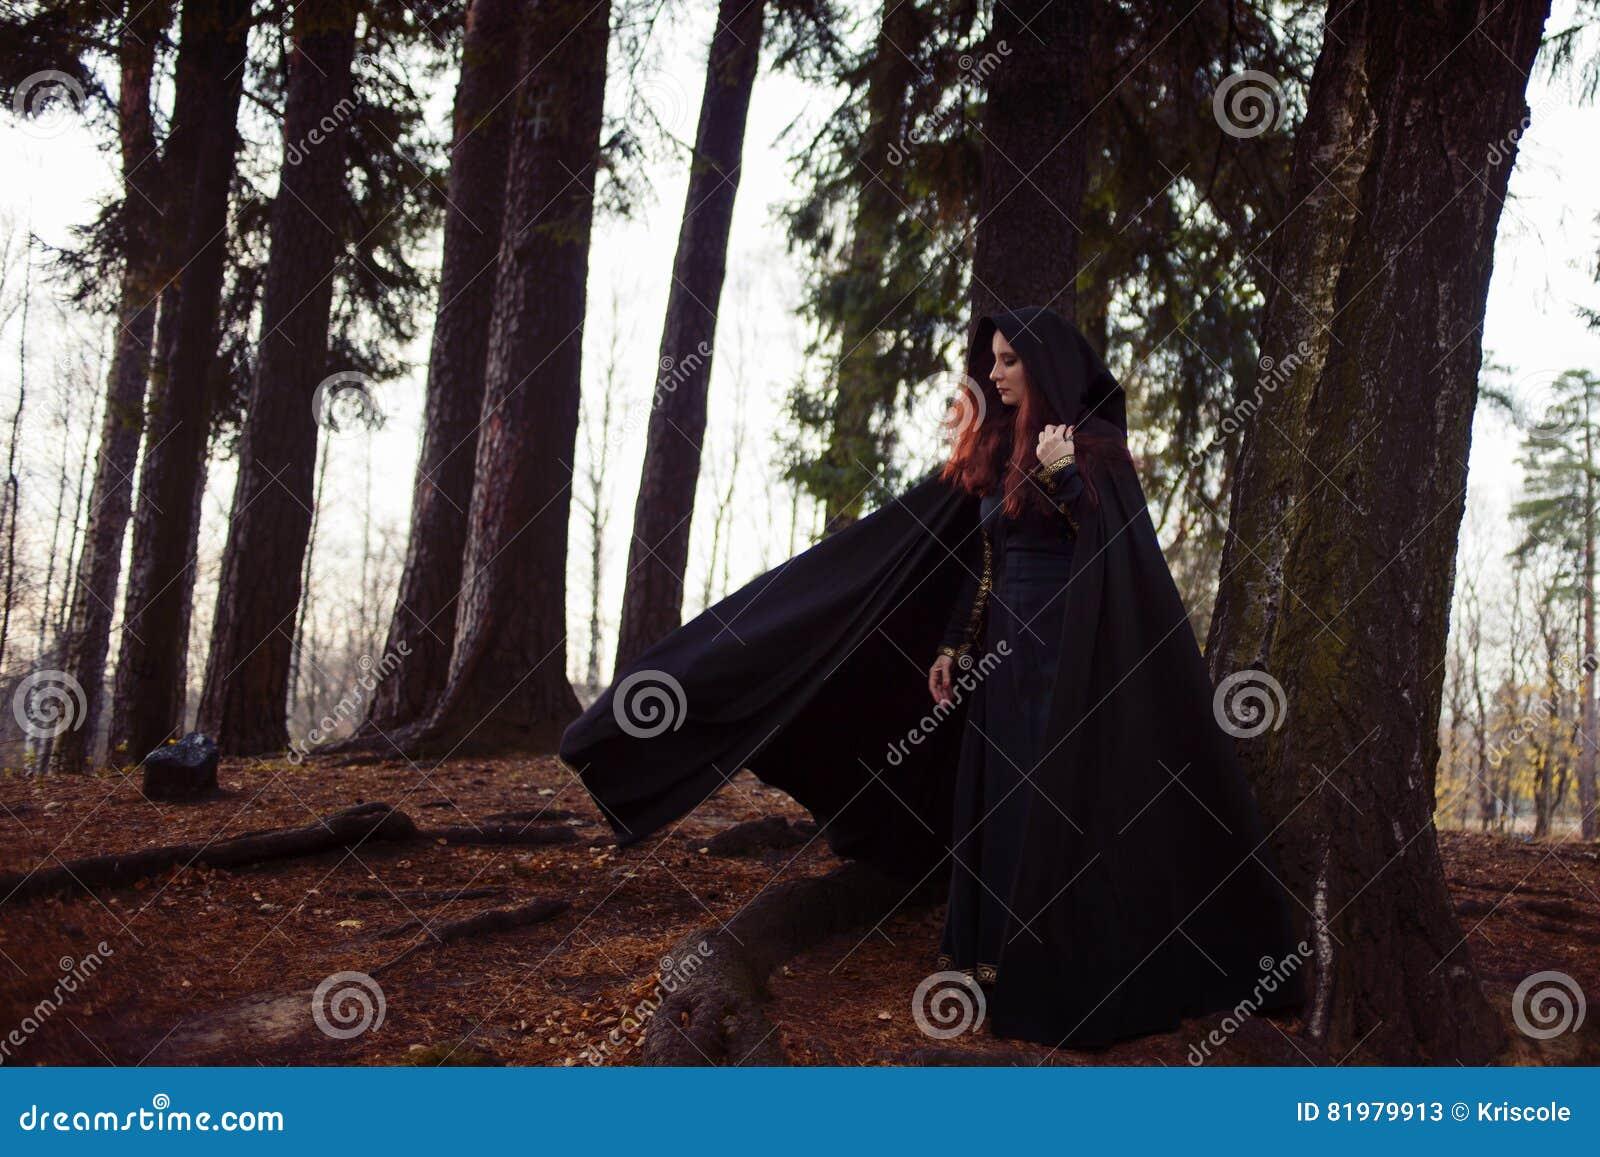 Jonge mooie en geheimzinnige vrouw in hout, in zwarte mantel met kap, beeld van boself of heks